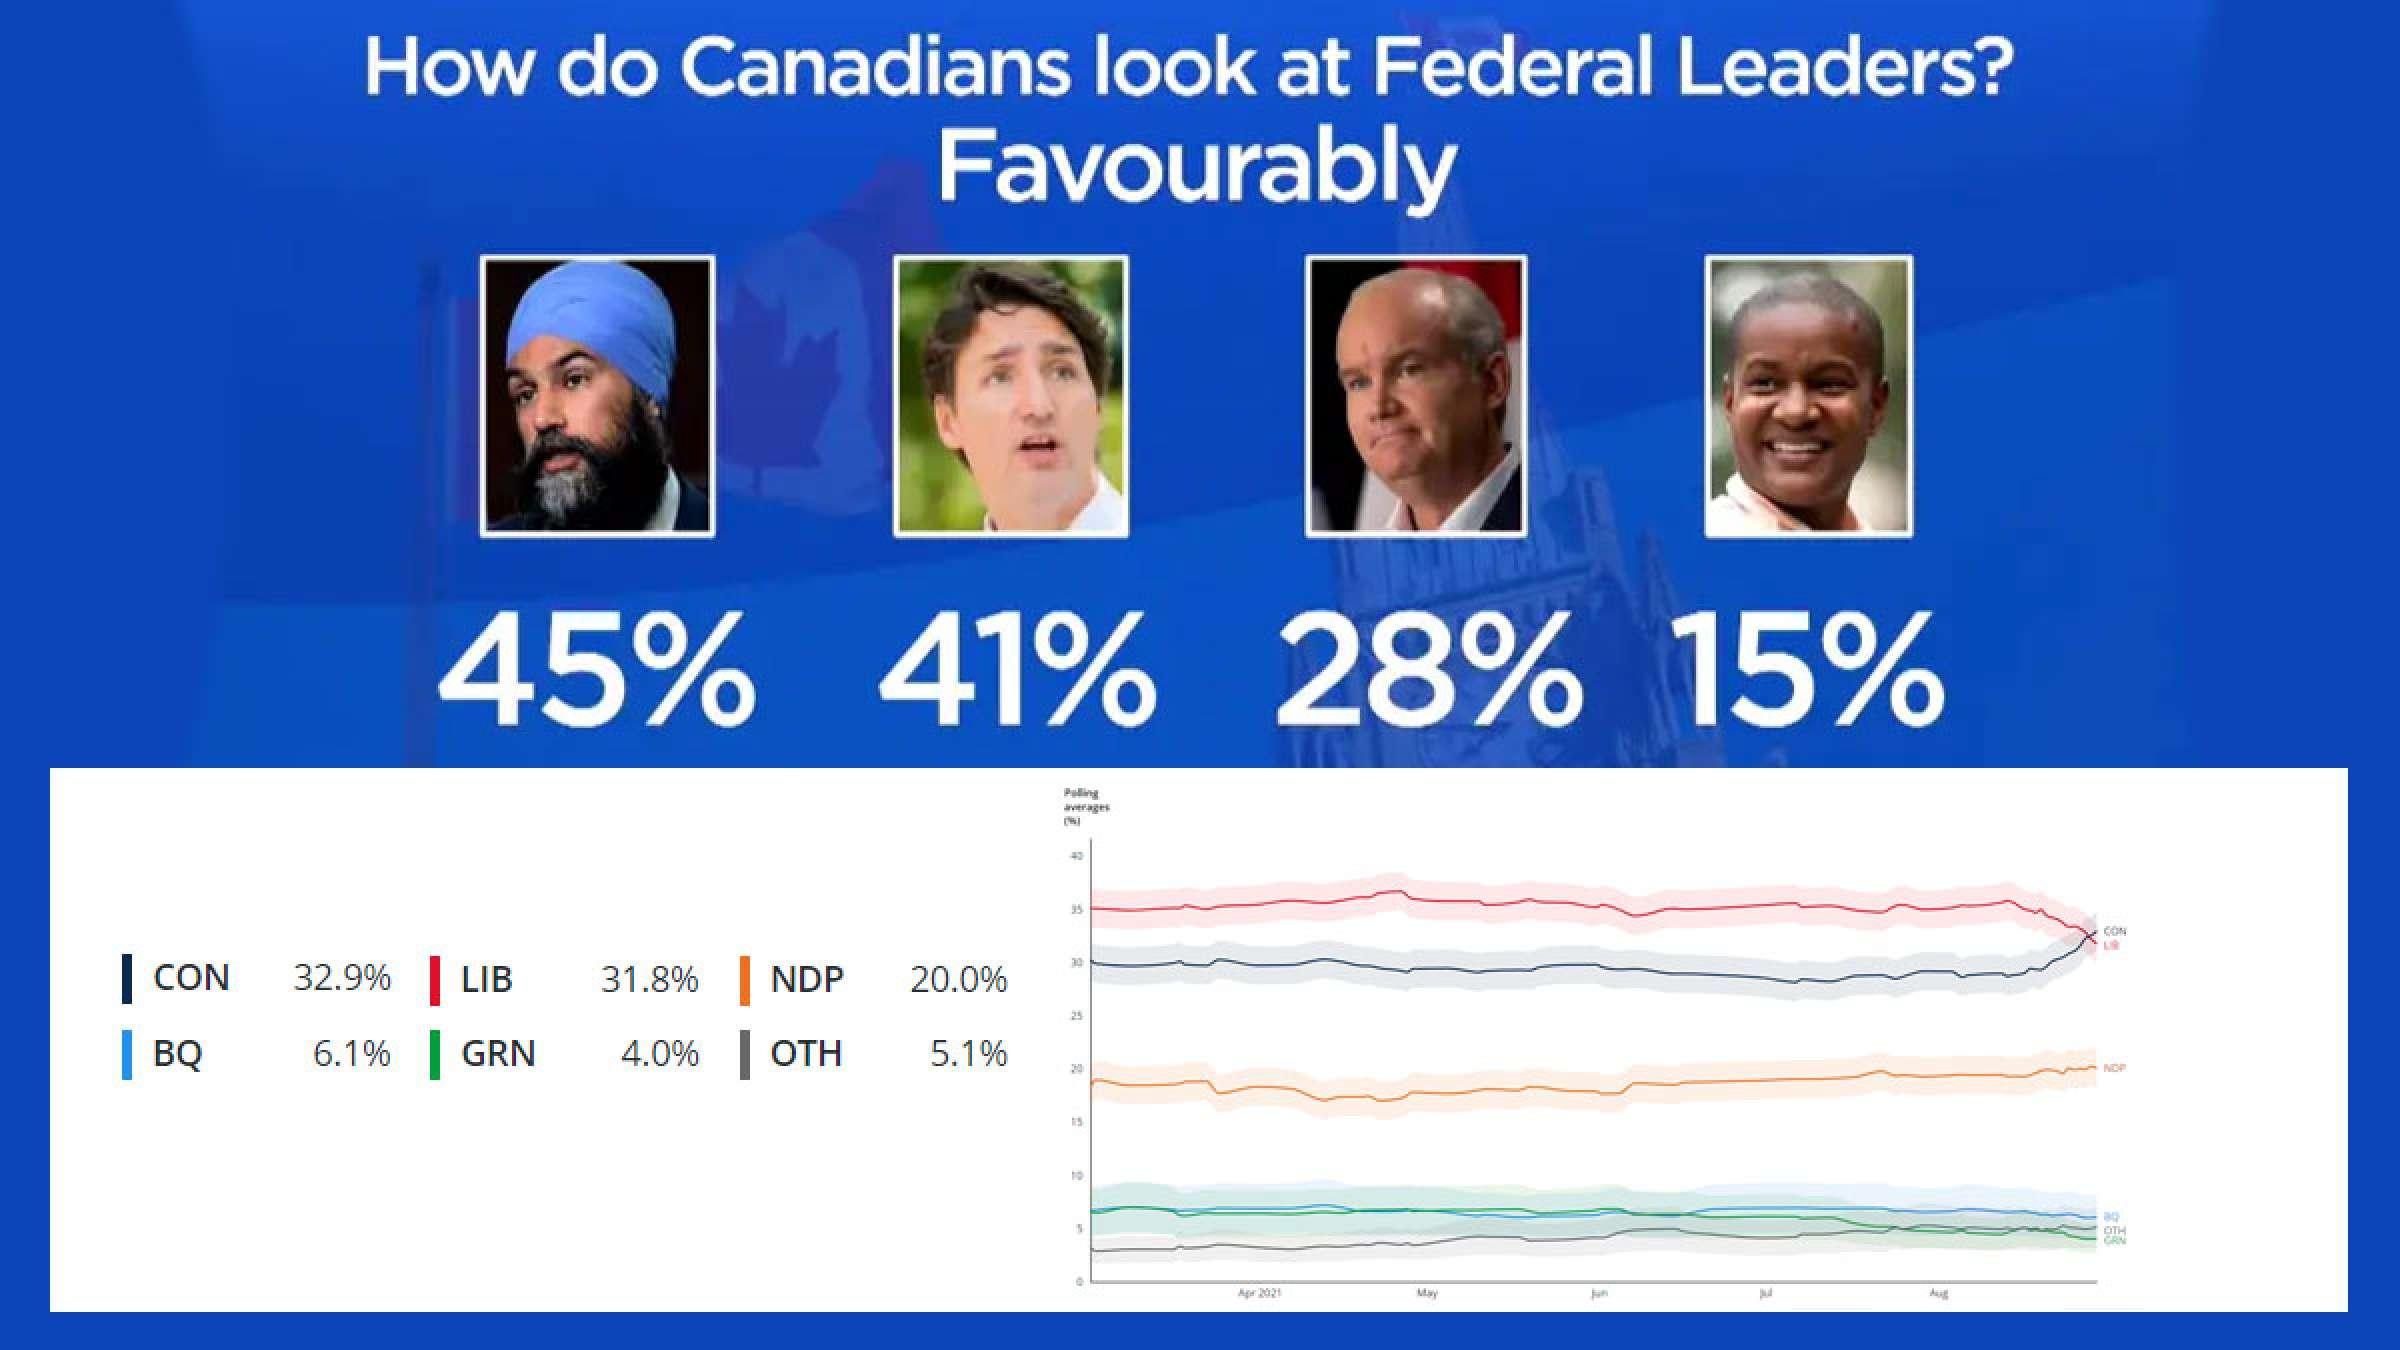 خبر-کانادا-انتخابات-برای-اولین-بار-محافظهکاران-از-لیبرال-ها-پیش-افتادند-سینگ-محبوب-تر-از-همه-شد